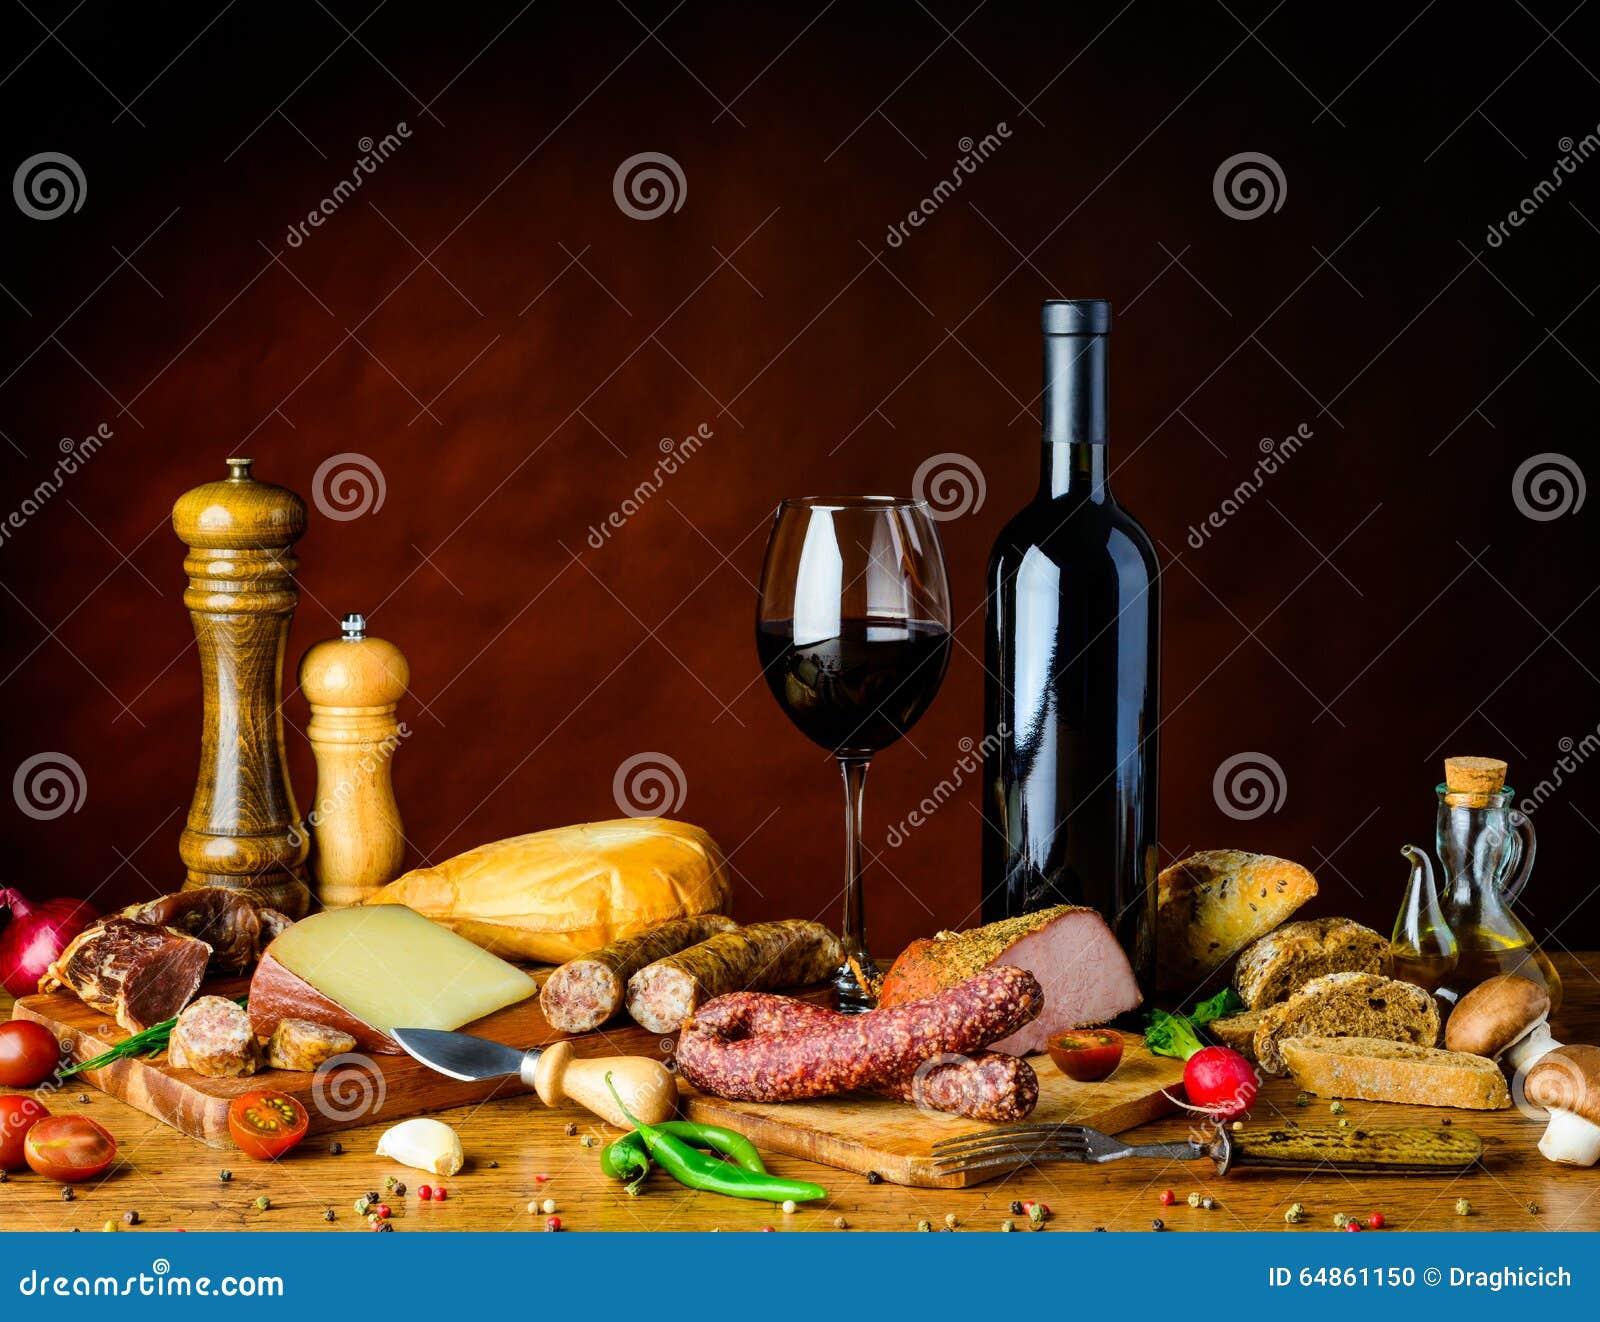 Comida rústica en la tabla